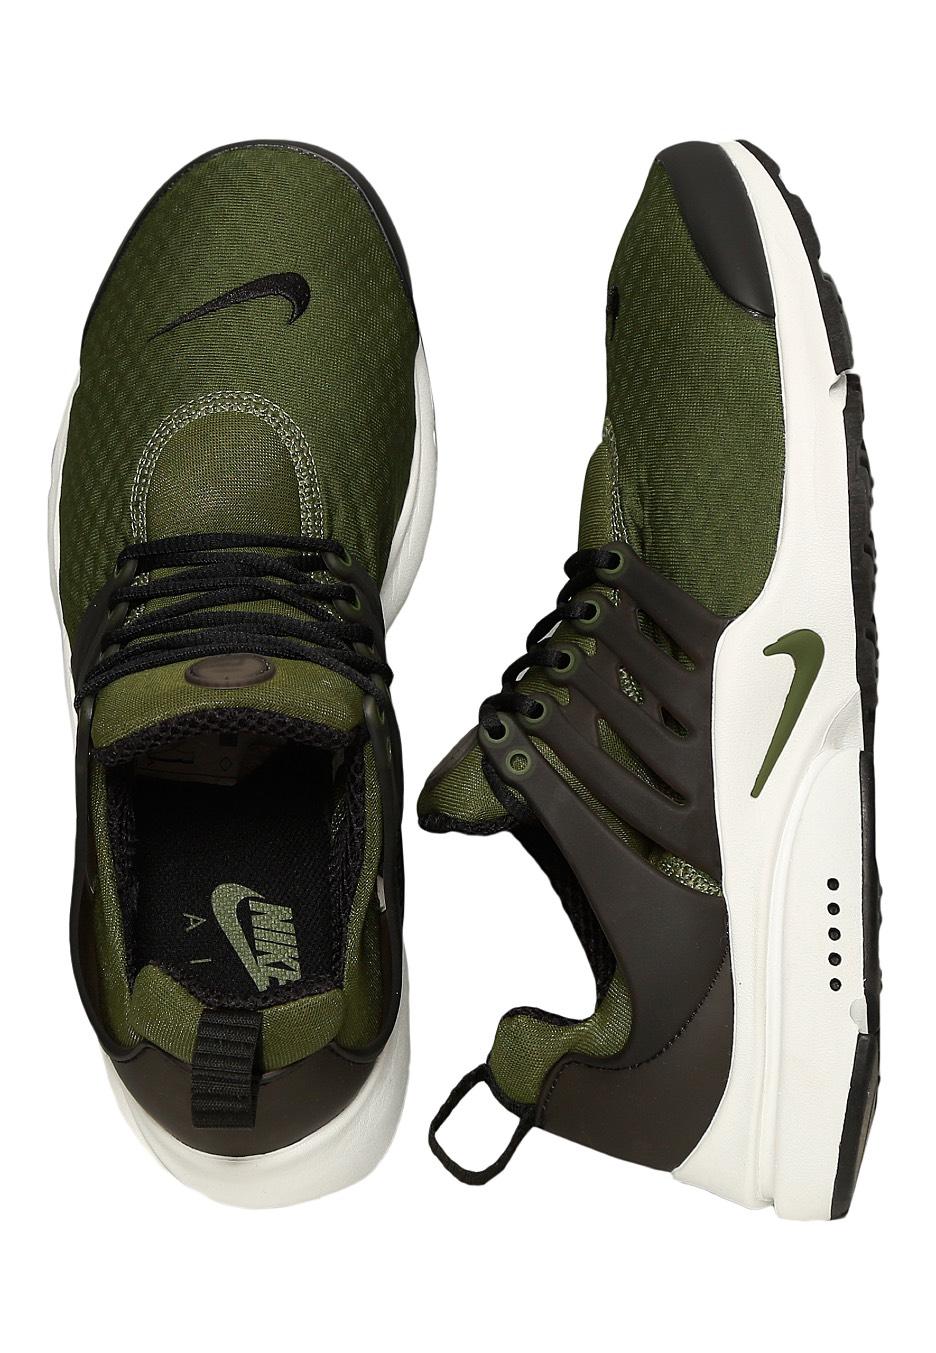 cc42637e1e79 Nike - Air Presto Essential Legion Green Legion Green Black - Shoes -  Impericon.com UK